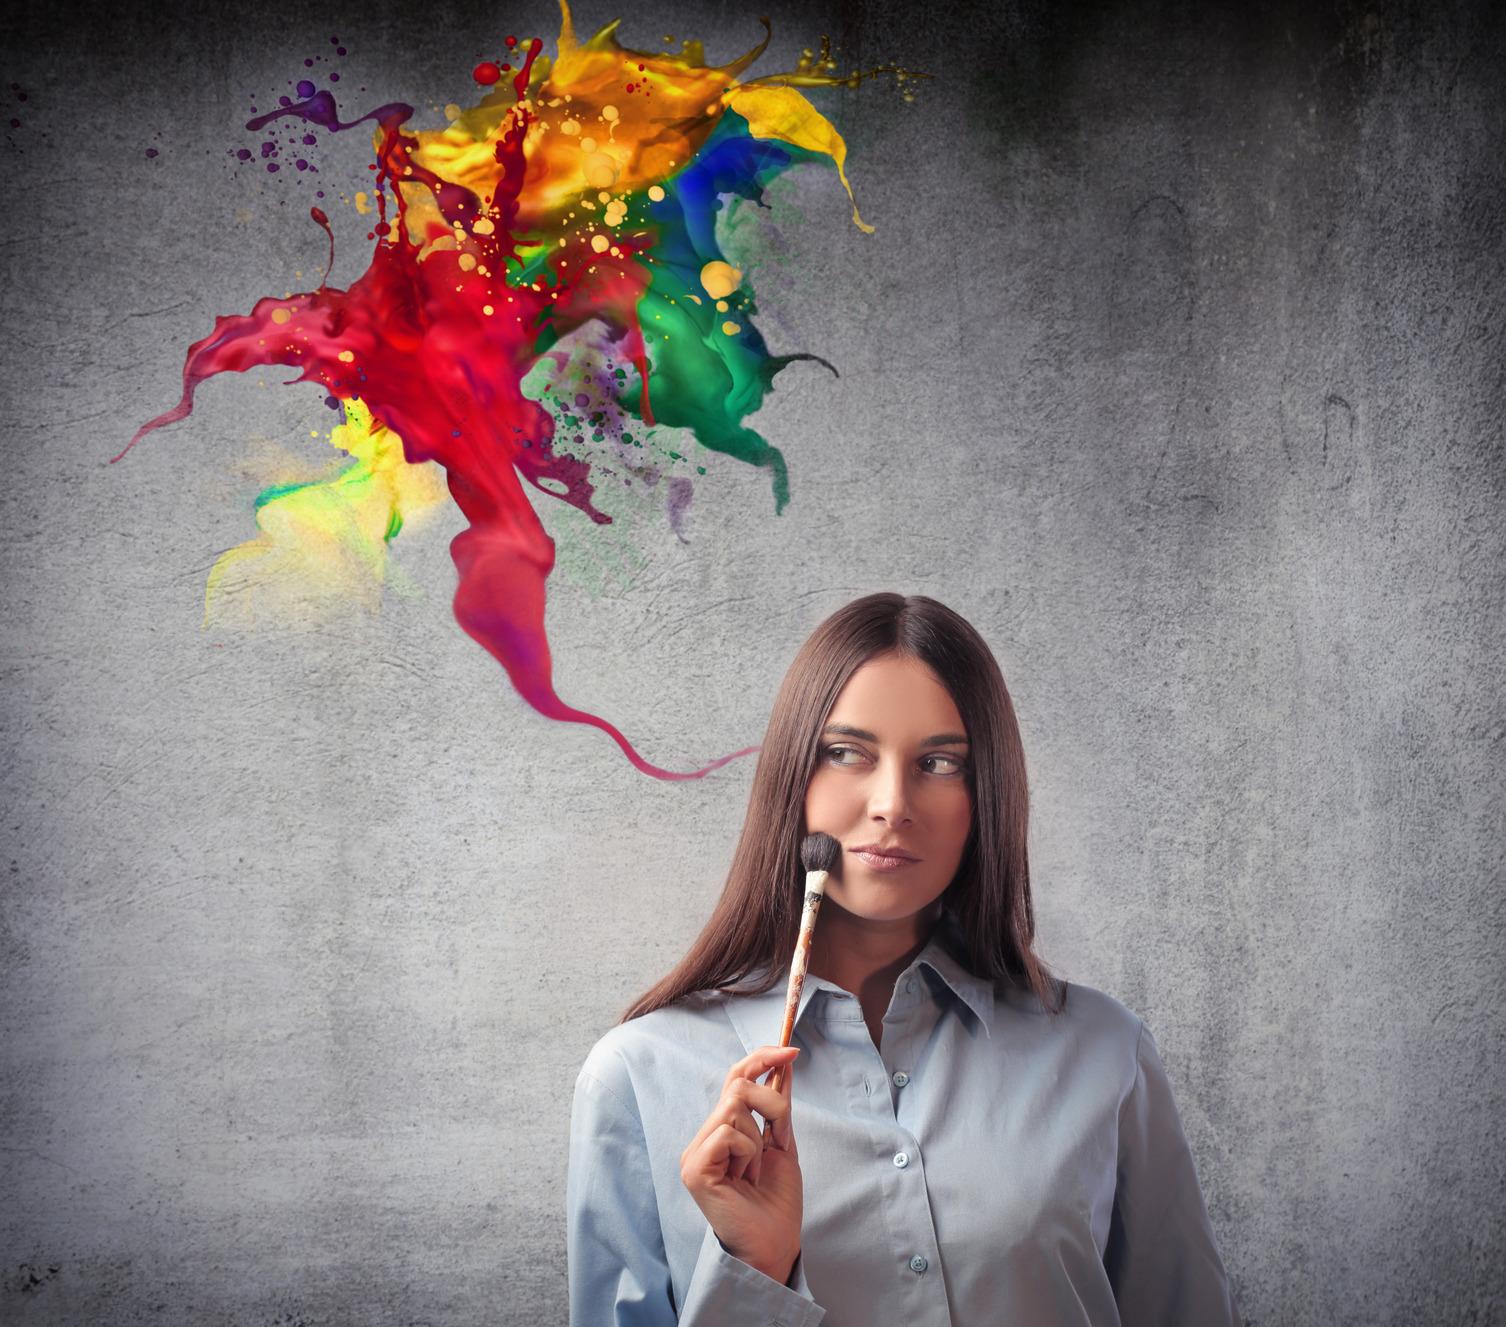 Эффективные способы самореализации как основа счастья личности